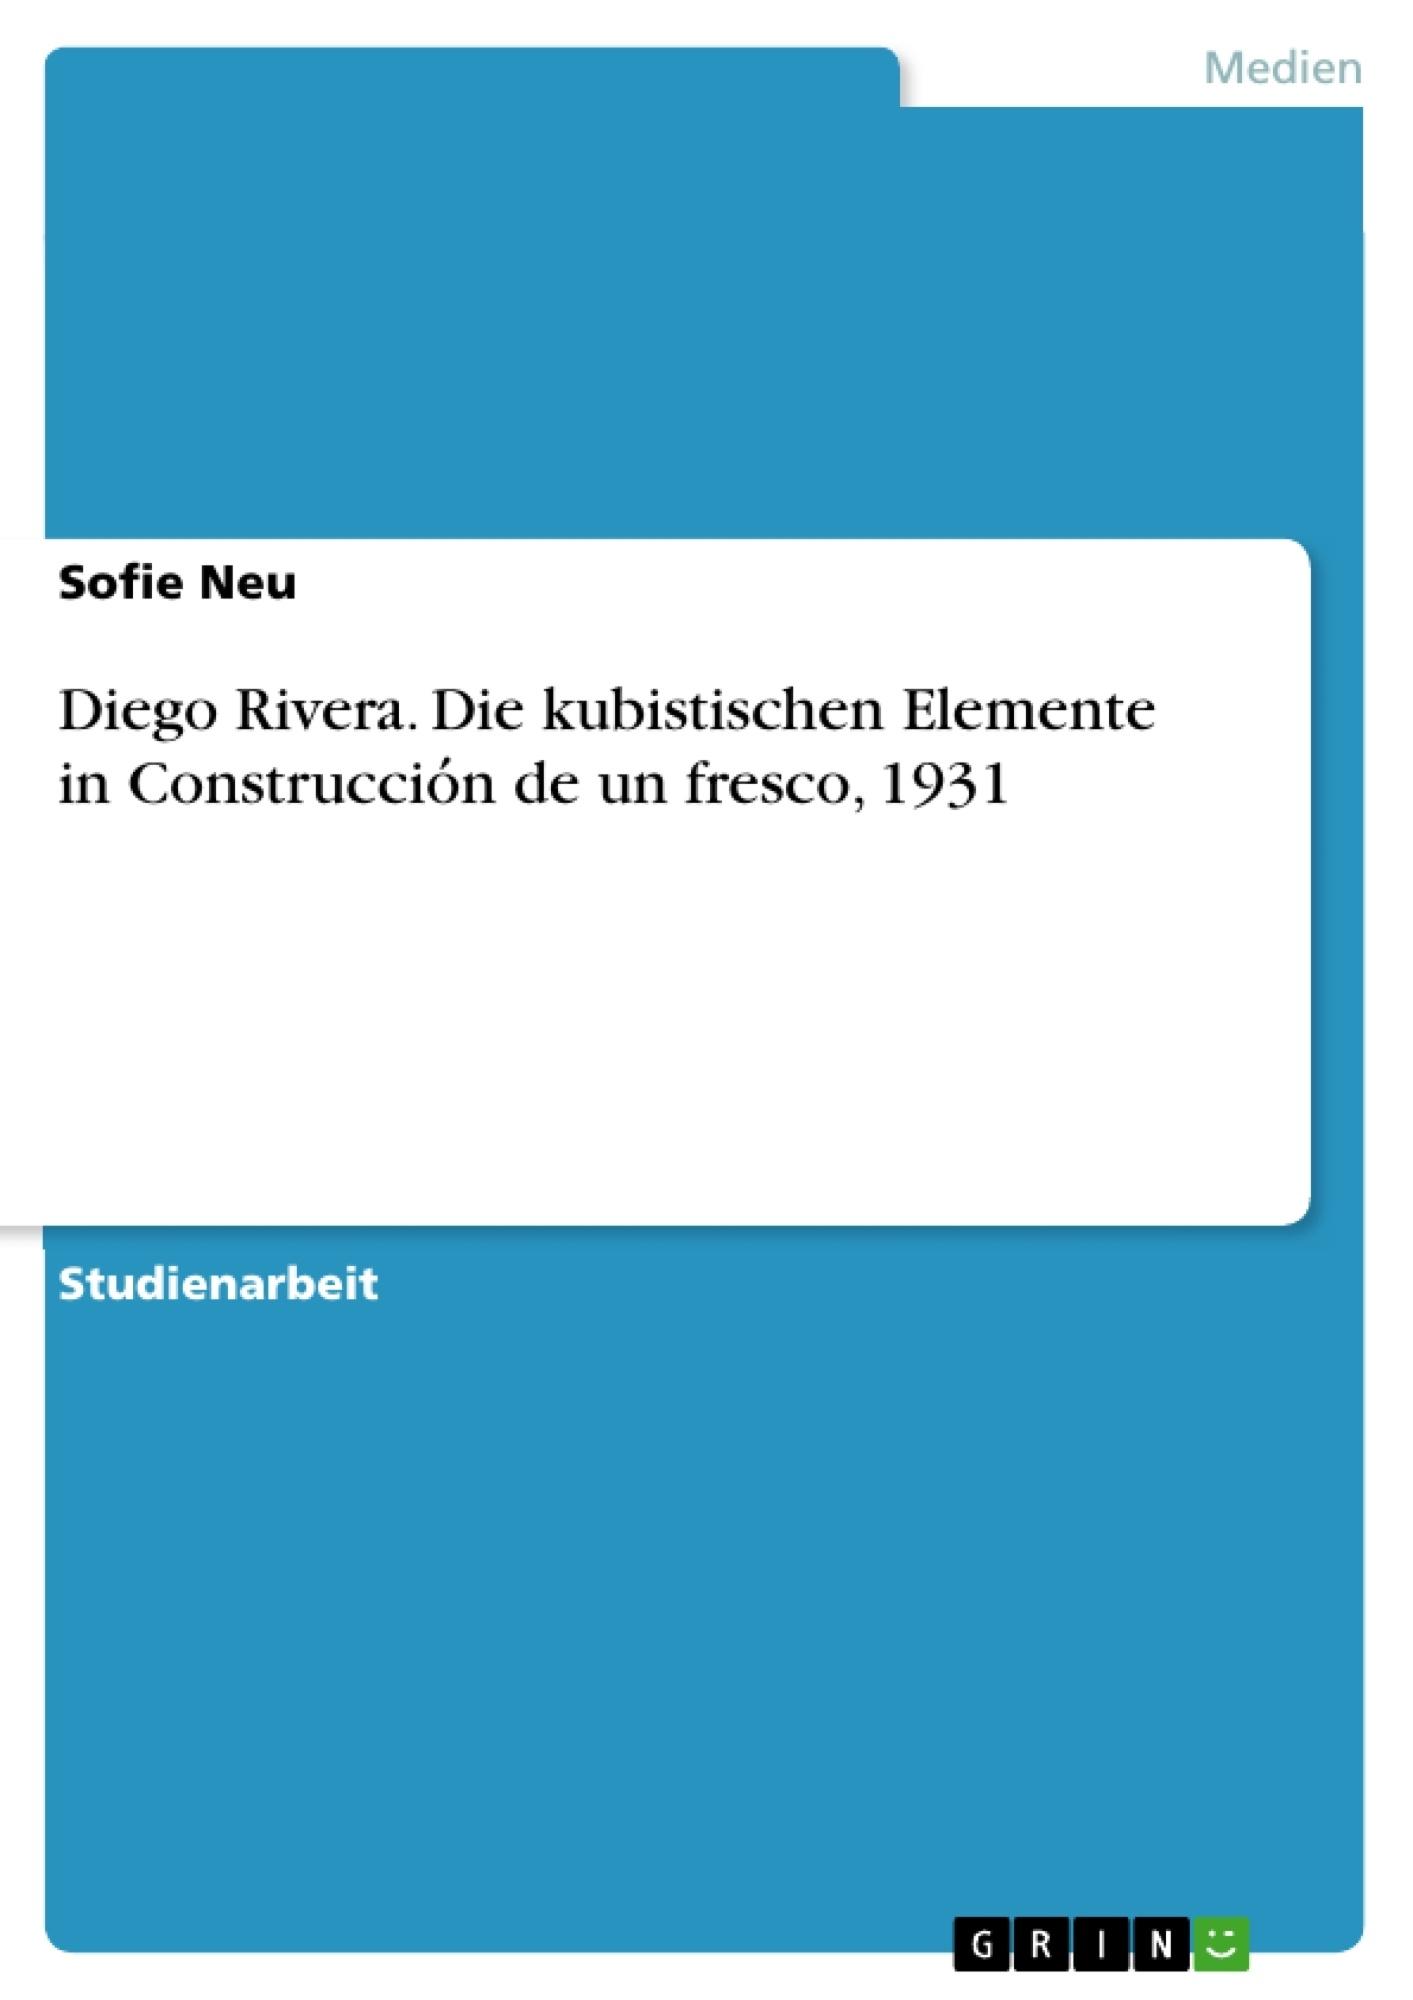 Titel: Diego Rivera. Die kubistischen Elemente in Construcción de un fresco, 1931